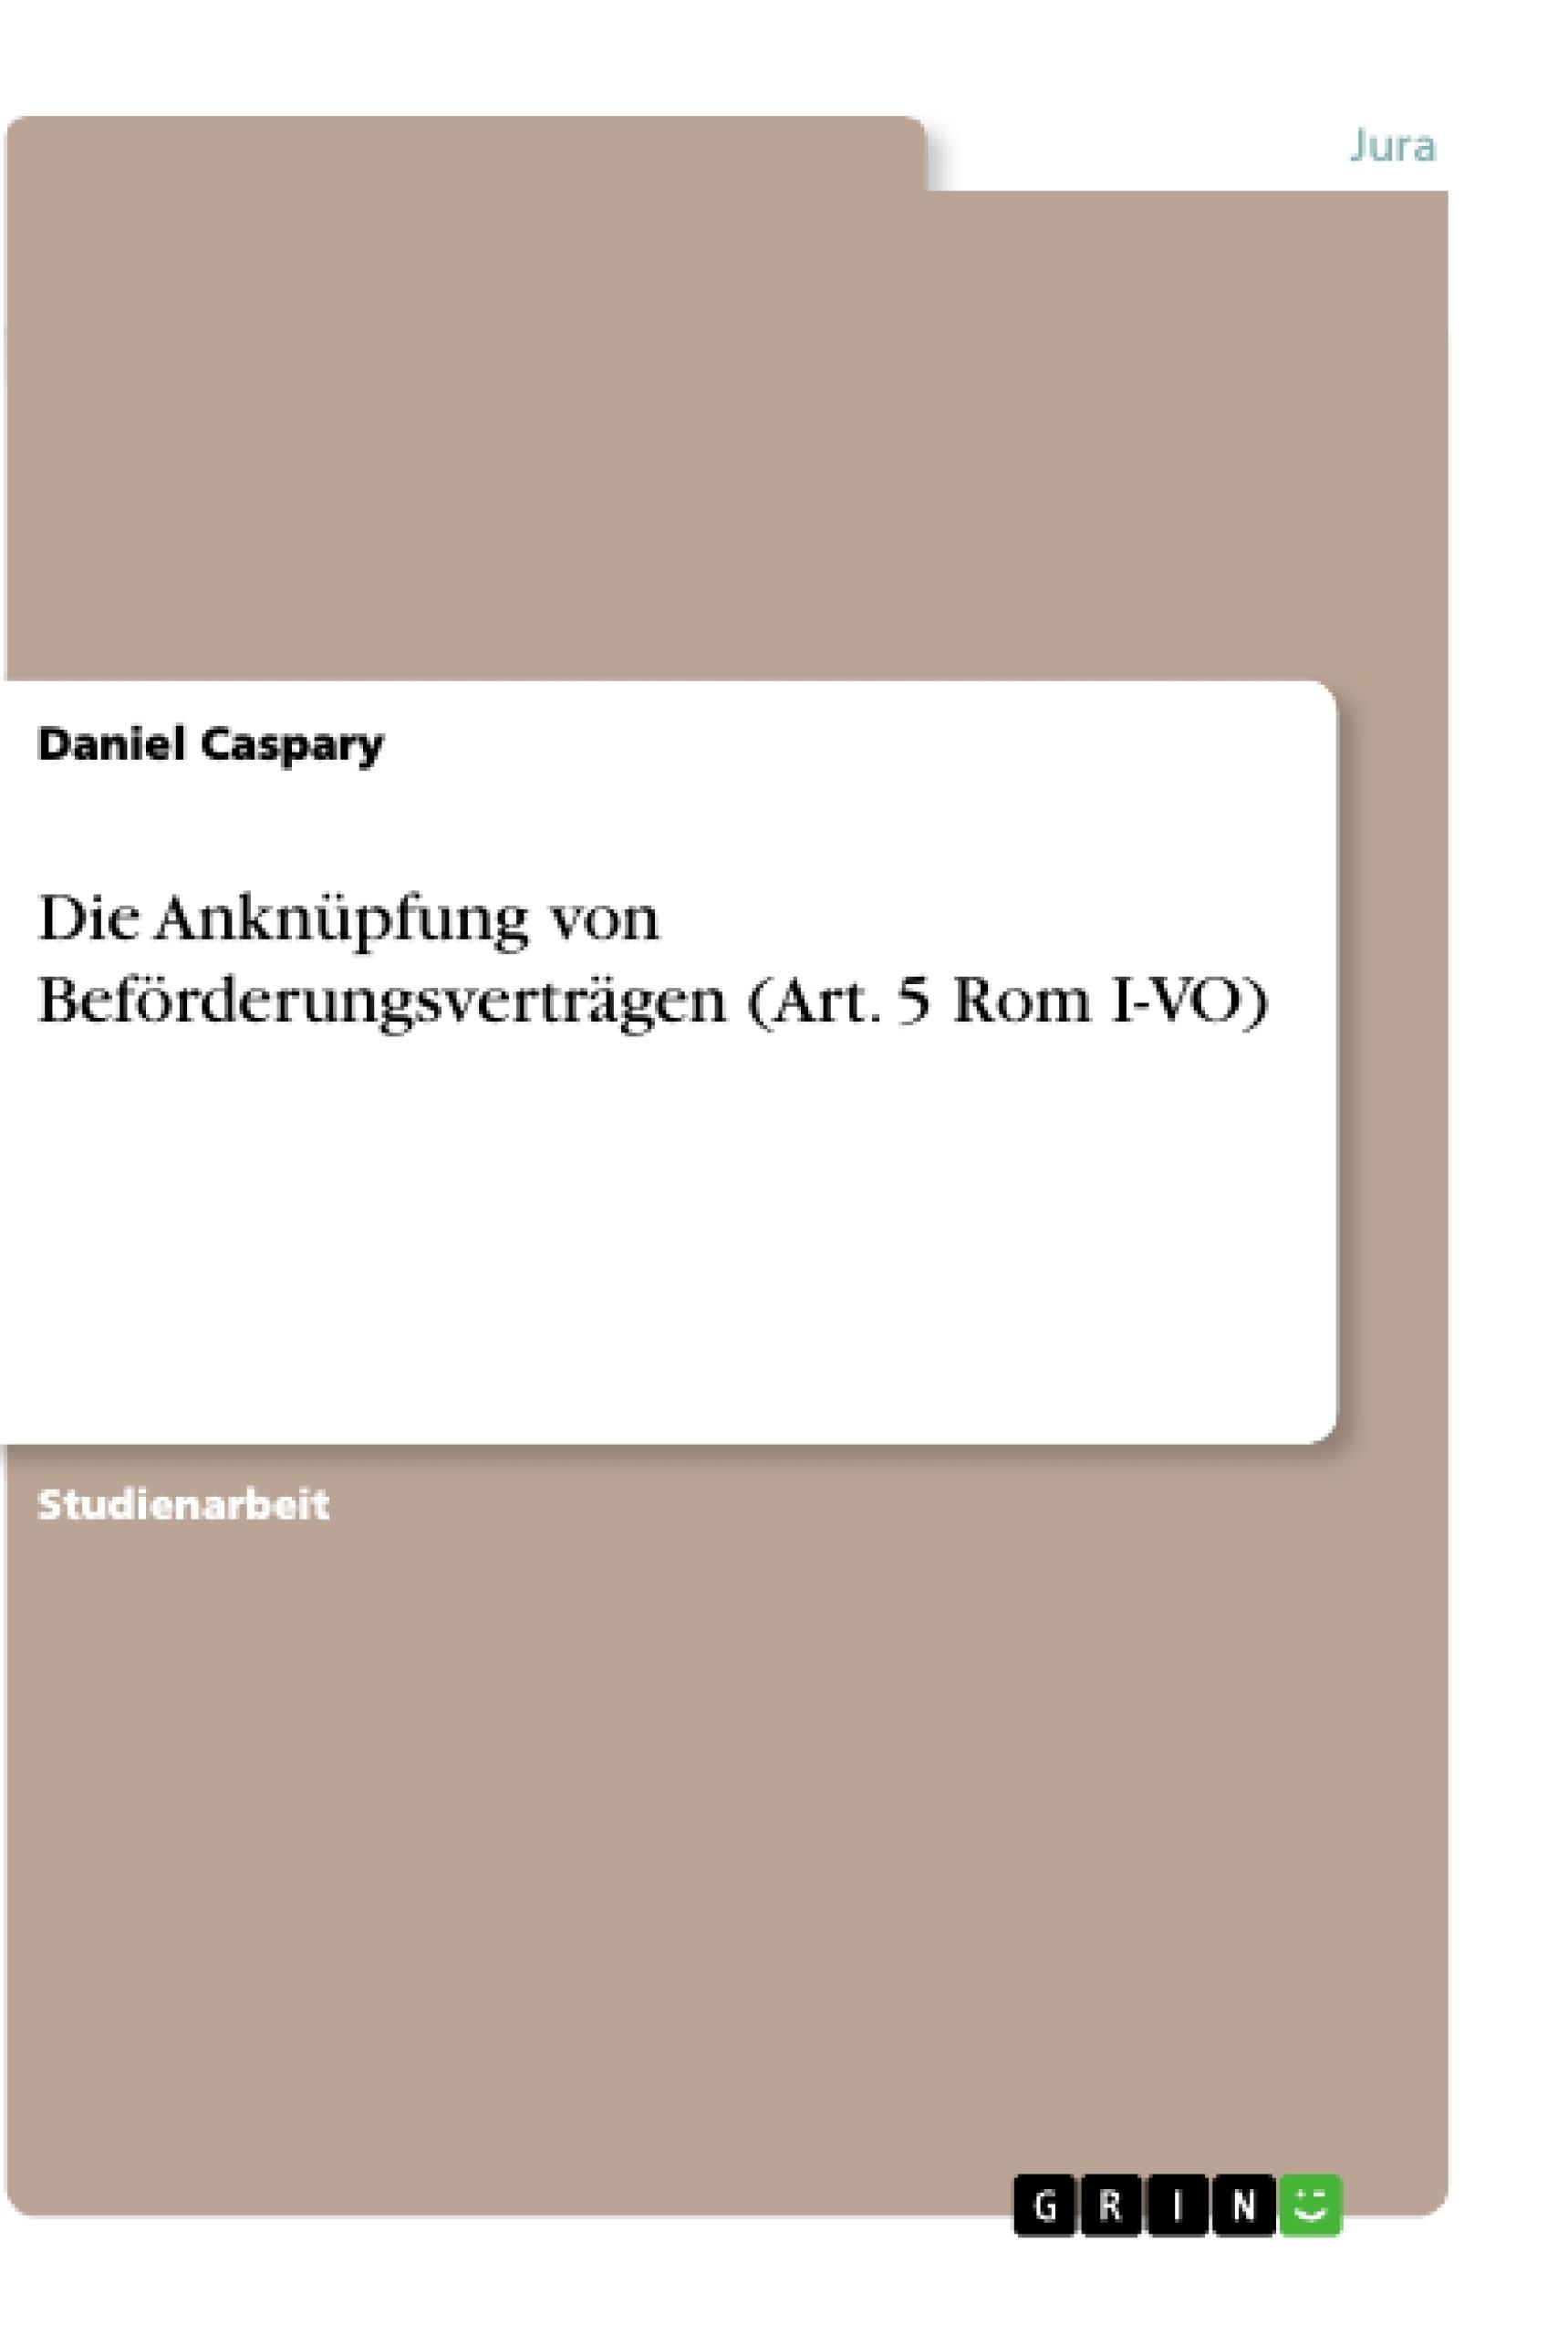 Titel: Die Anknüpfung von Beförderungsverträgen (Art. 5 Rom I-VO)